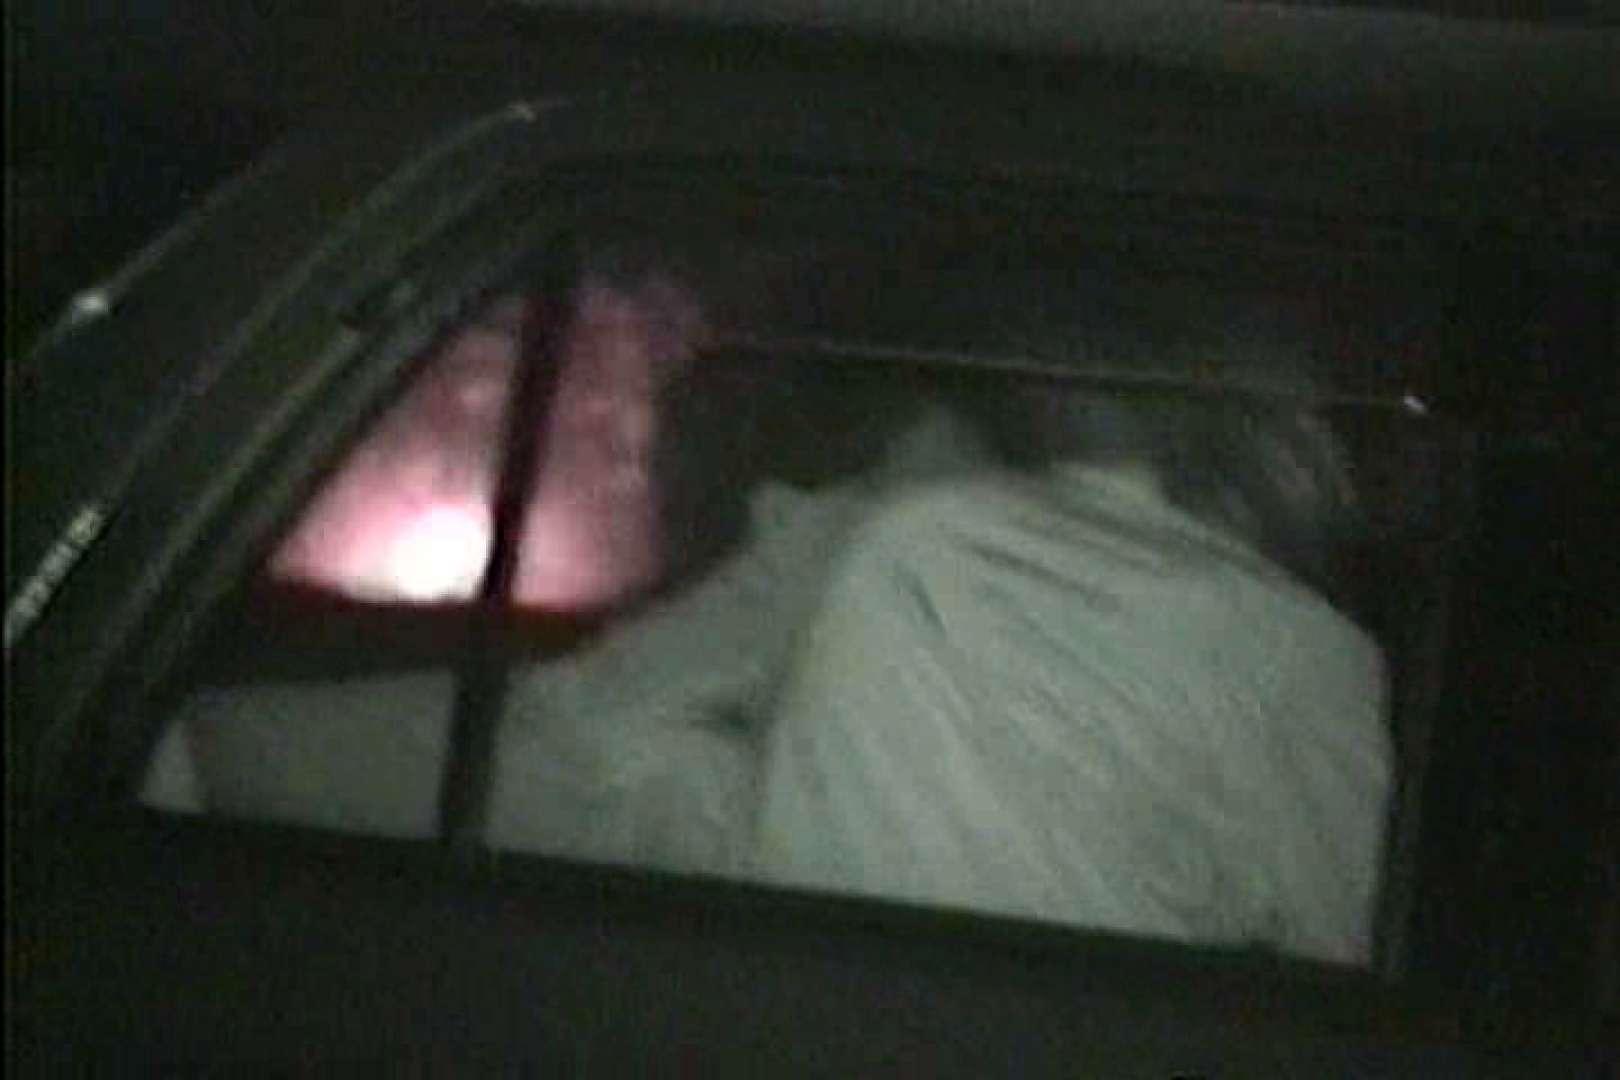 車の中はラブホテル 無修正版  Vol.10 ホテル隠し撮り 盗み撮り動画キャプチャ 87pic 28